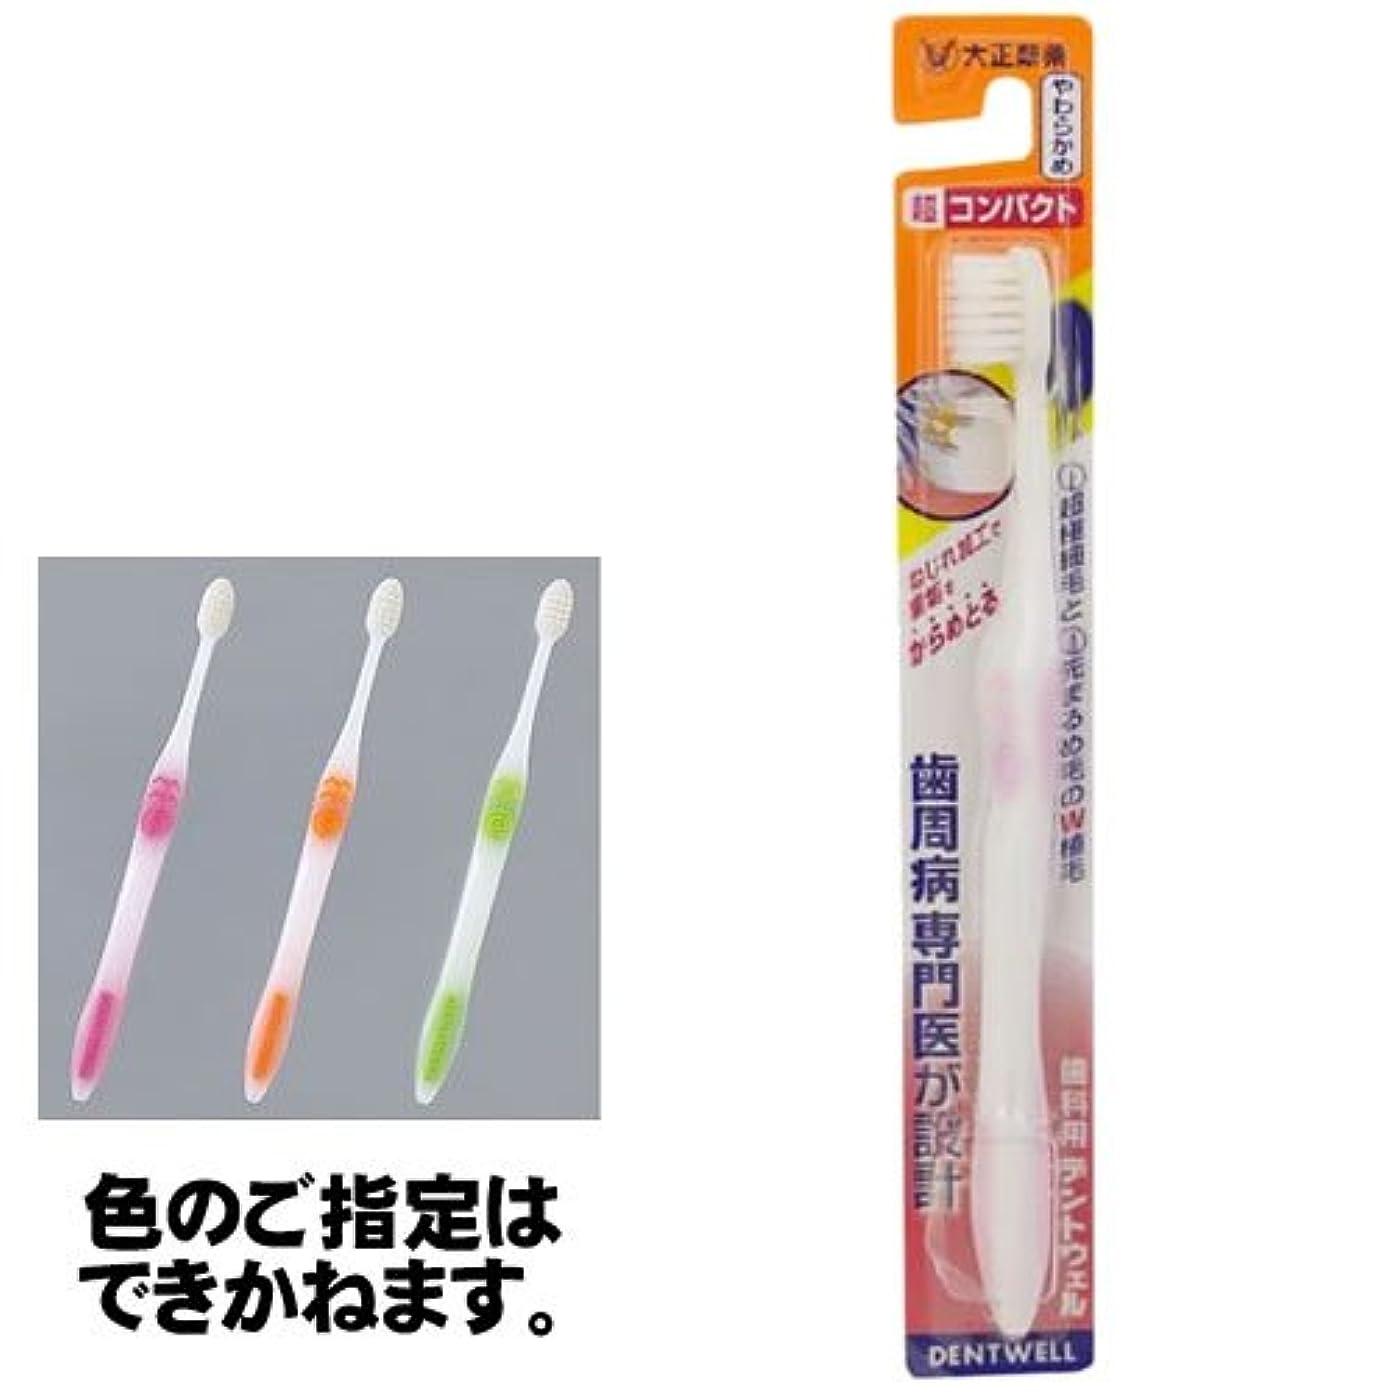 アクション才能ランプ〔大正製薬〕歯科用デントウェル歯ブラシ 超コンパクト やわらかめ×12個セット